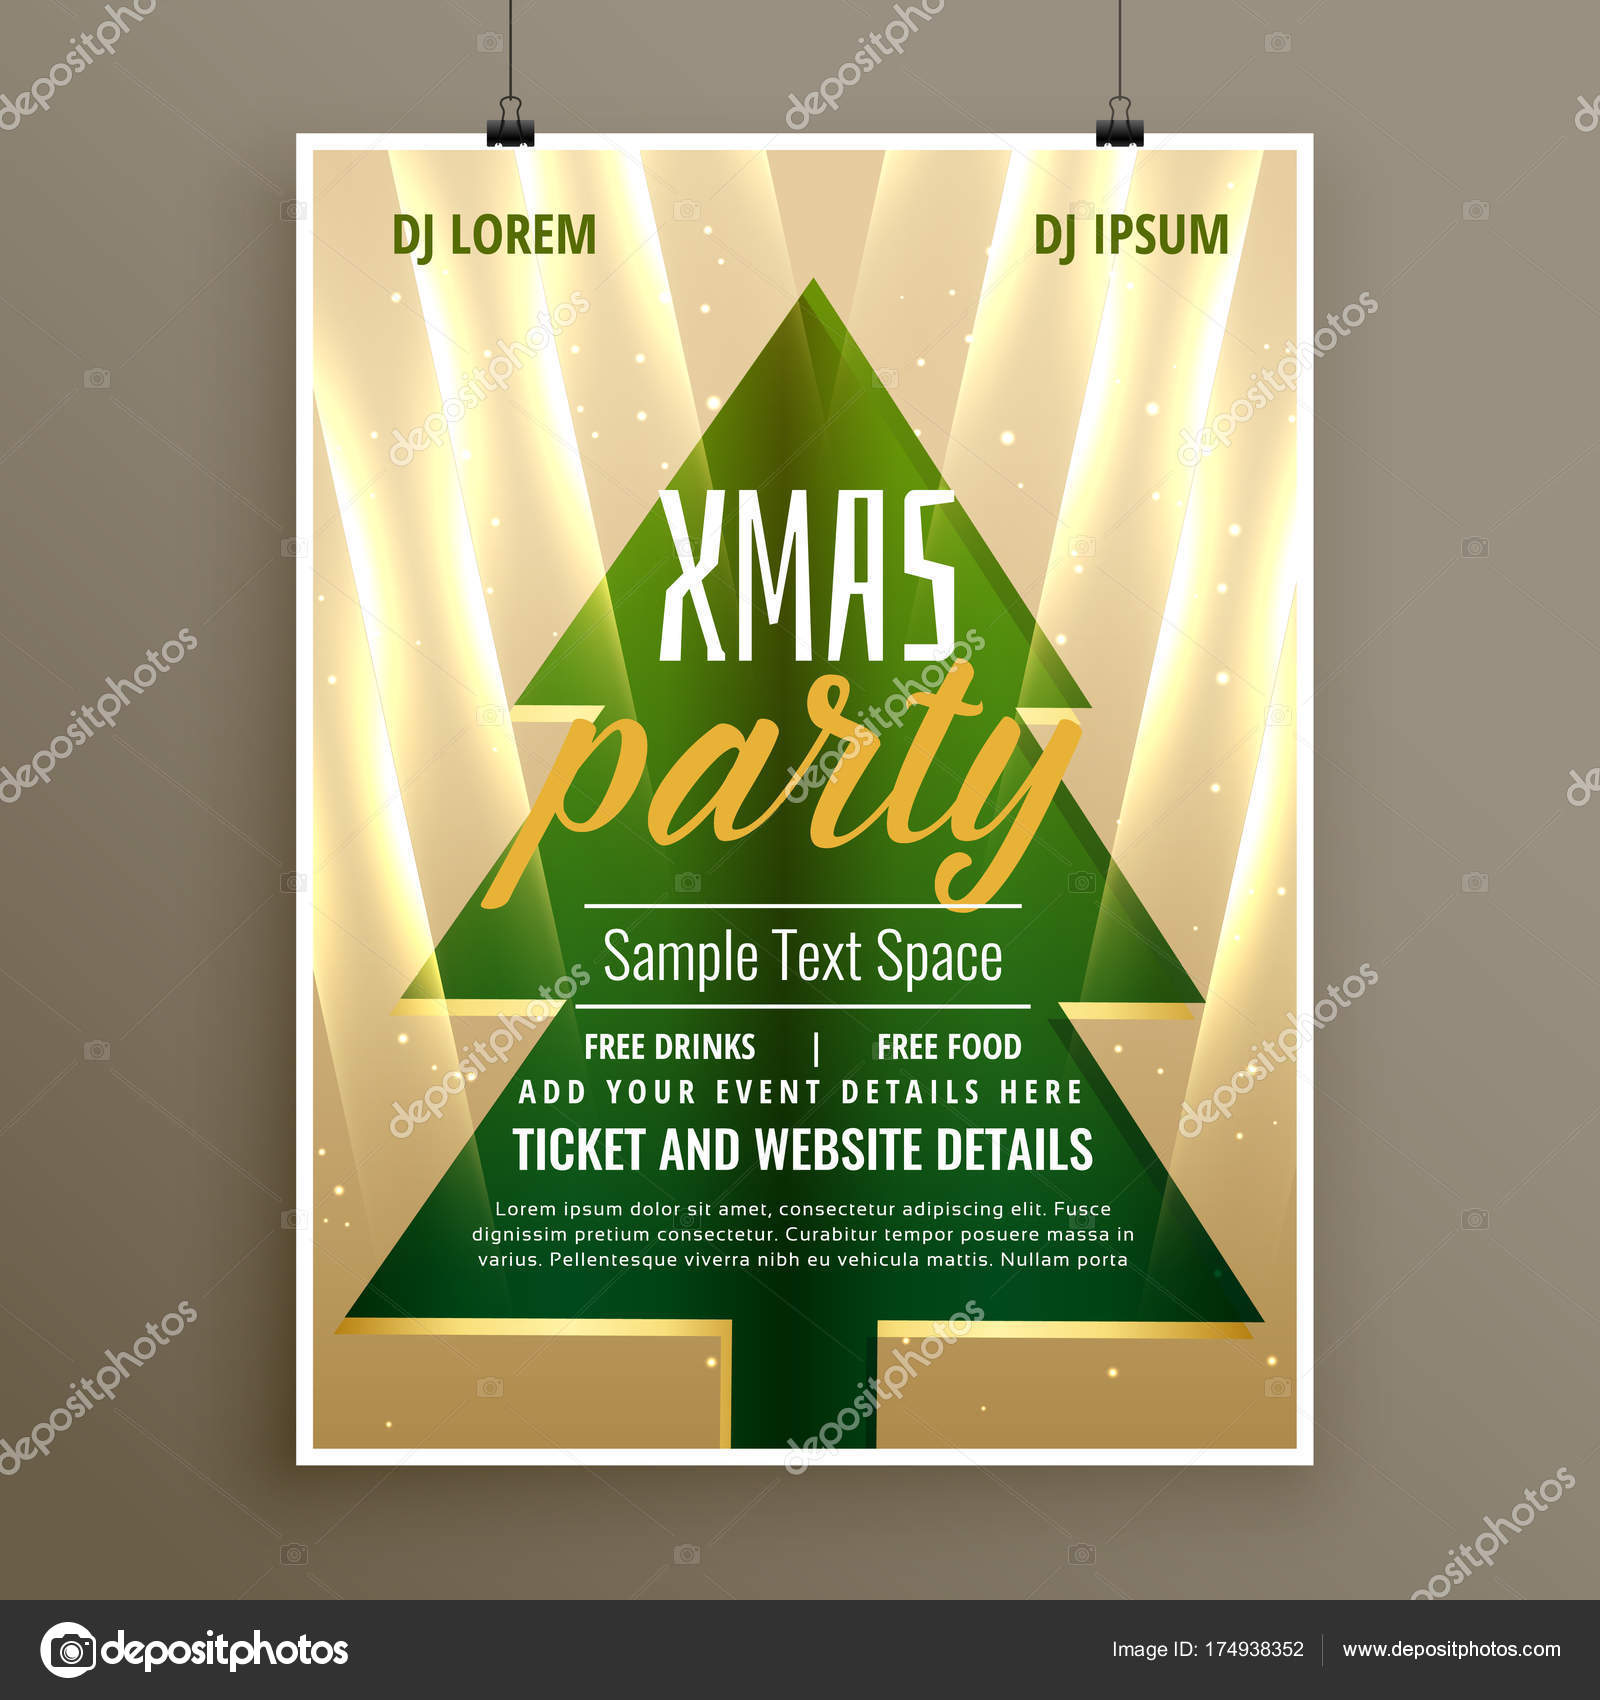 stilvolle Vorlage Flyer Design für Weihnachtsfeier — Stockvektor ...